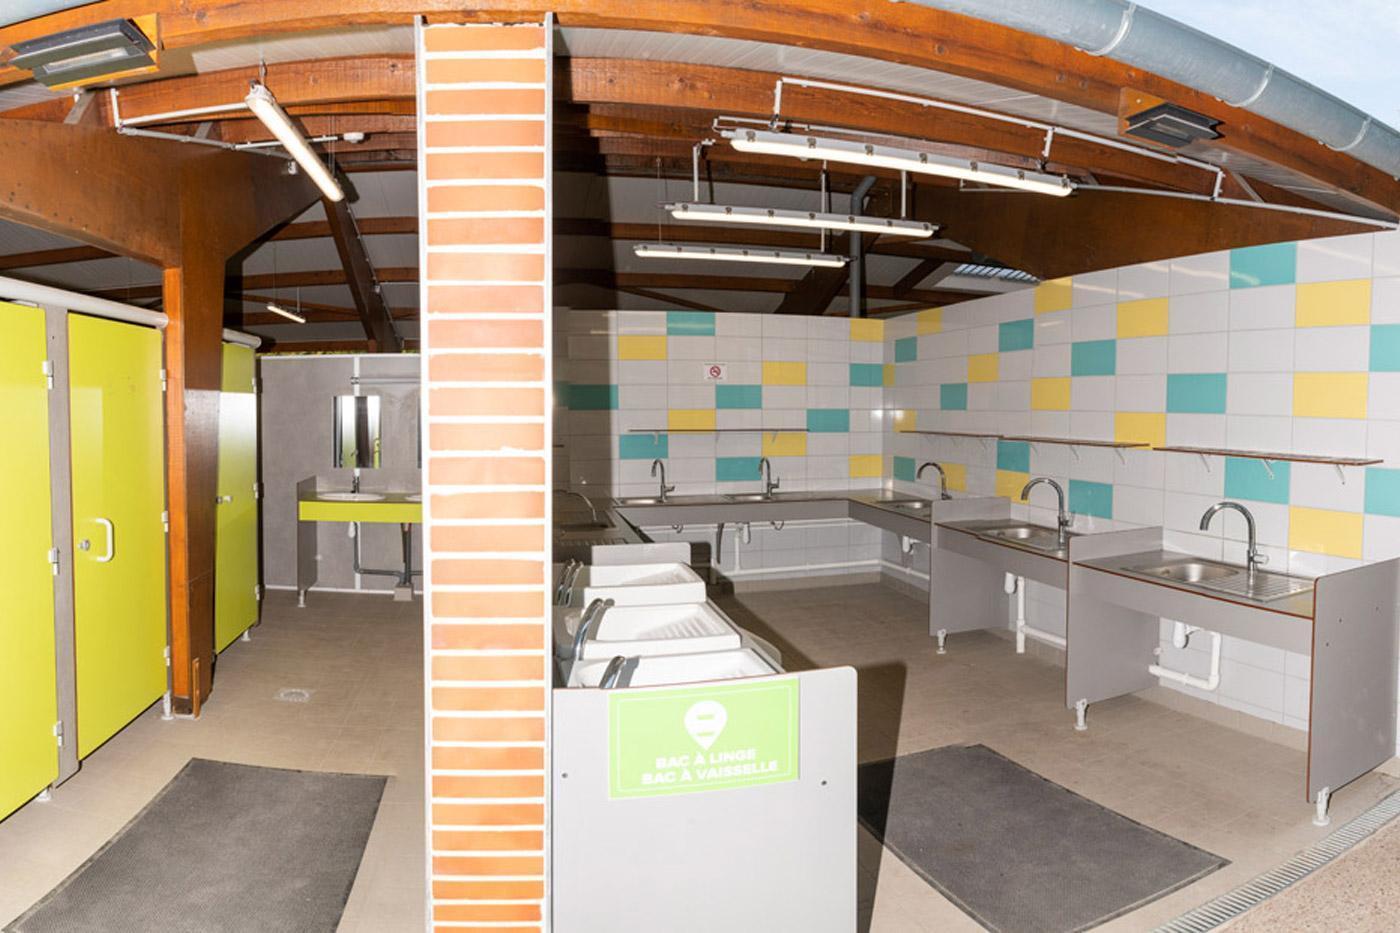 Camping Sites Et Paysages Les Saules Cheverny Sanitaire Confort (1)